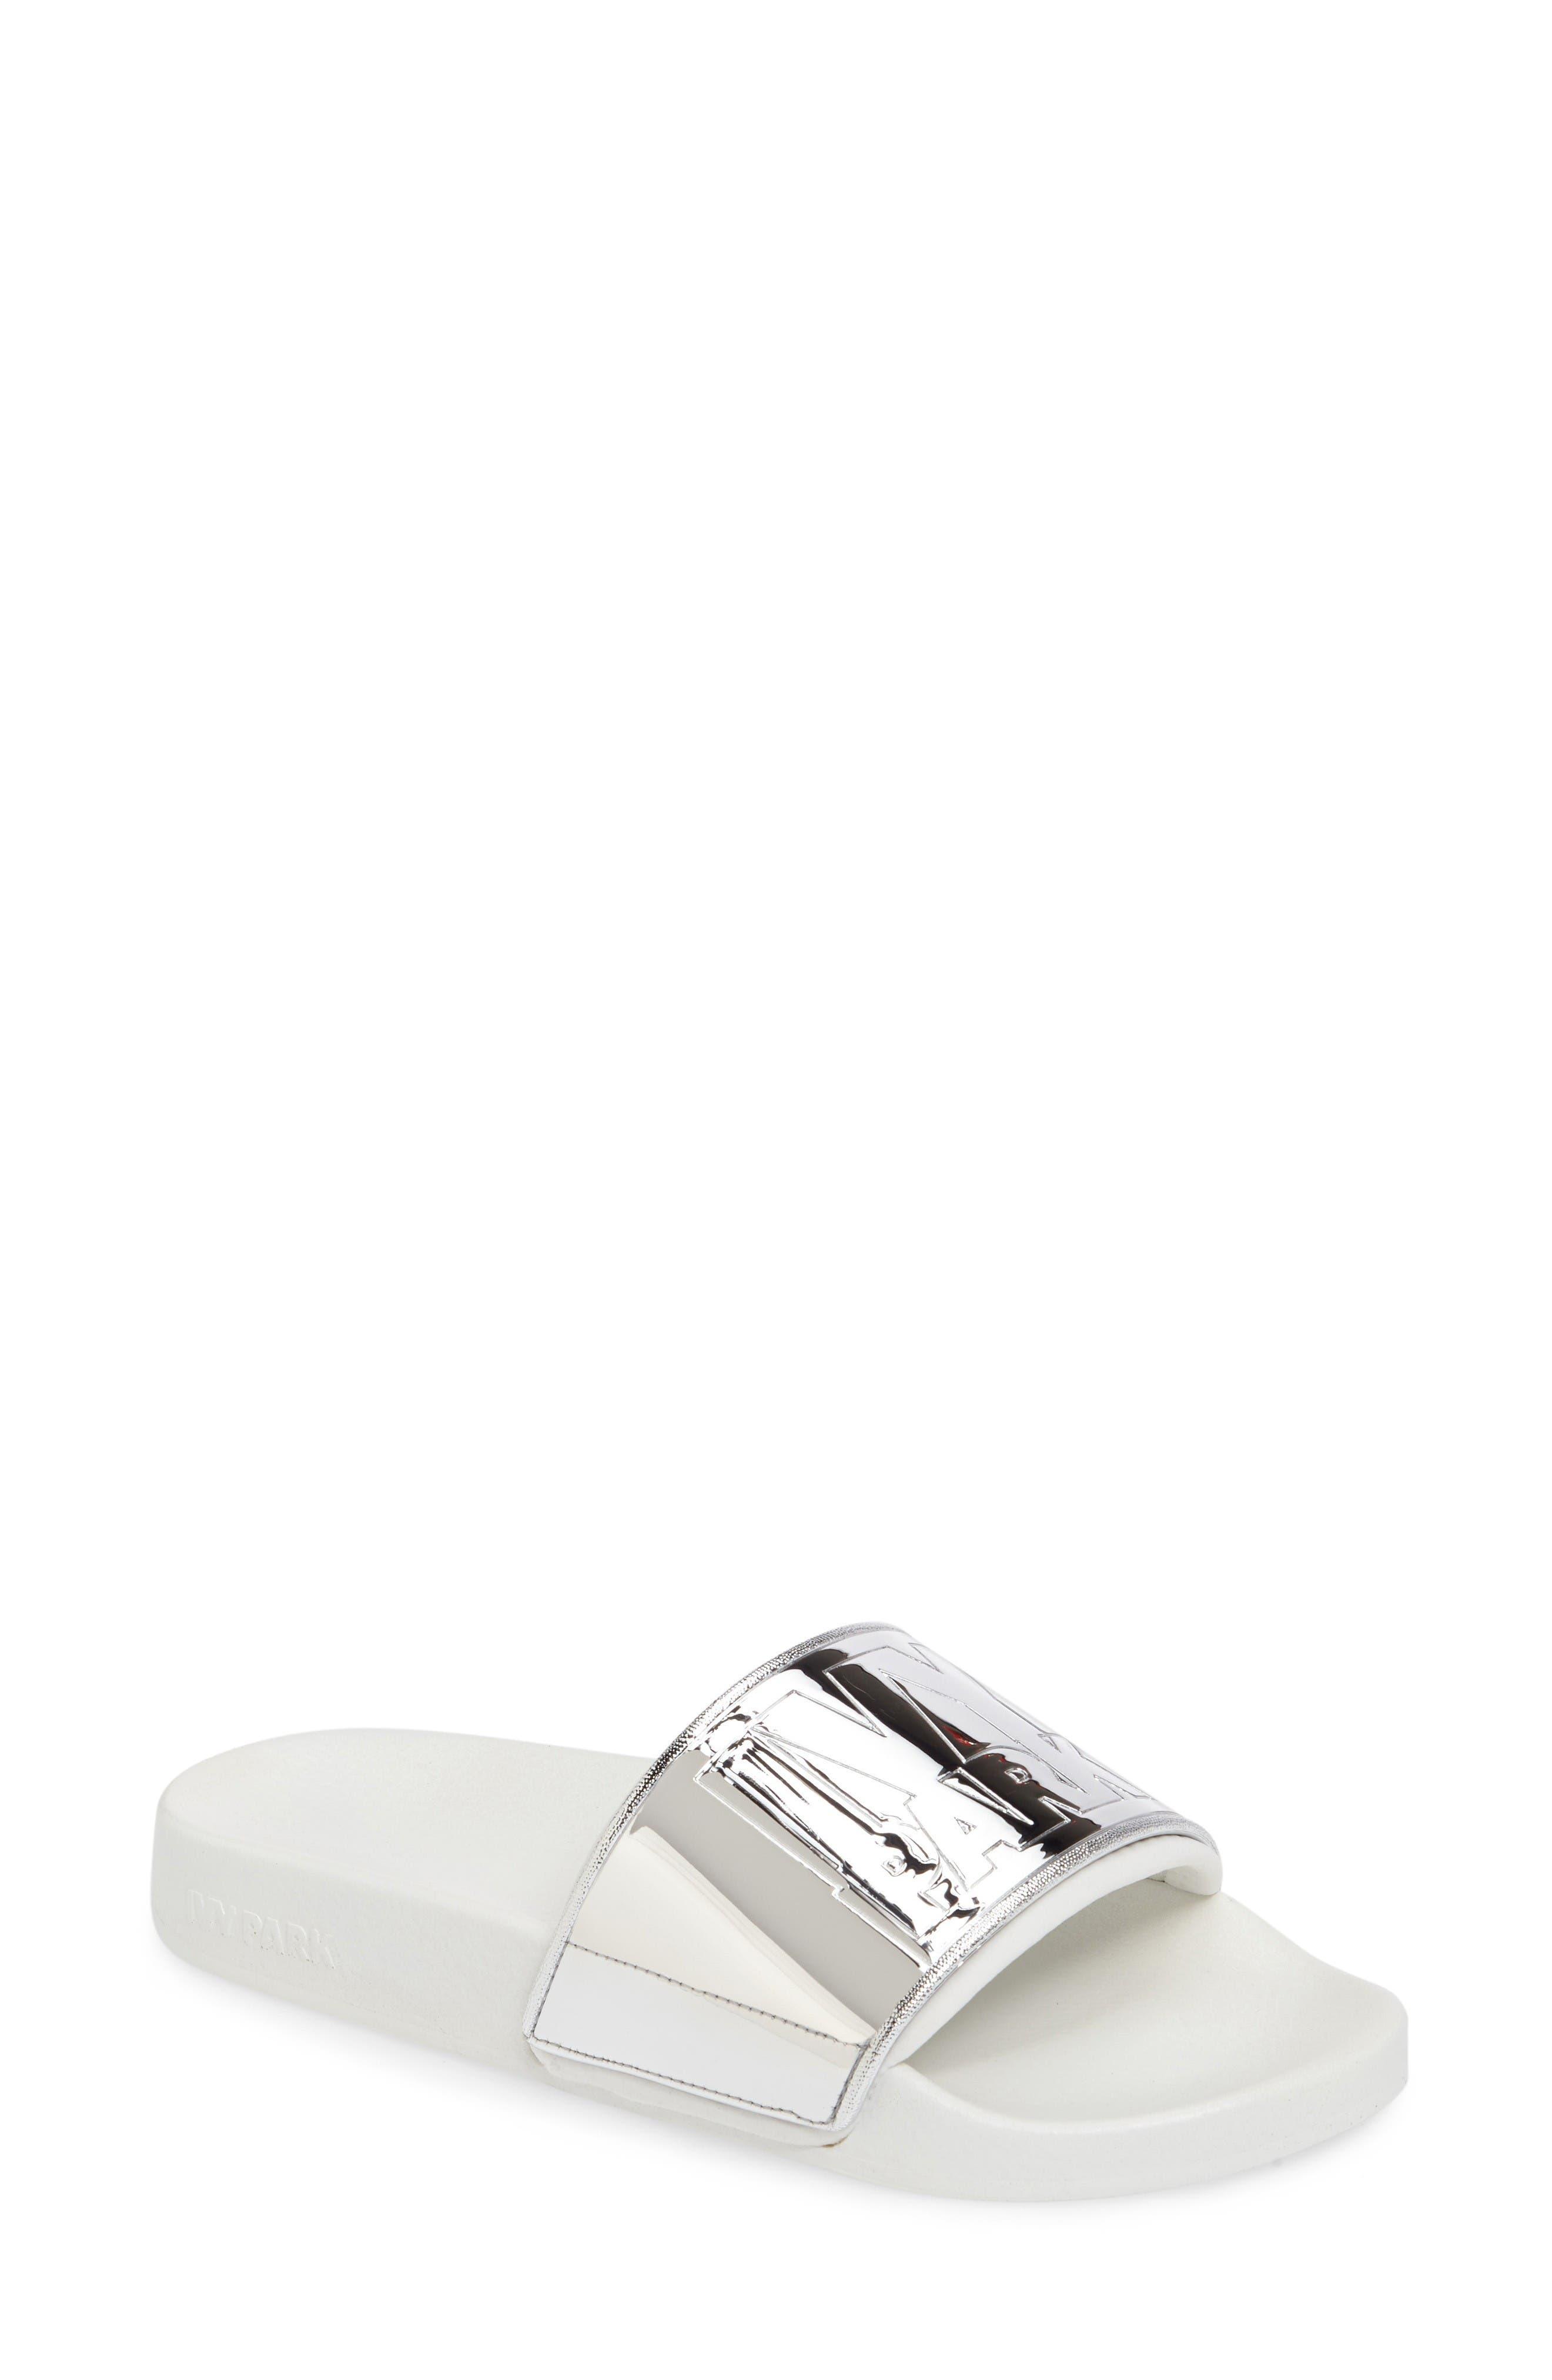 IVY PARK® Mirror Logo Slide Sandal (Women)